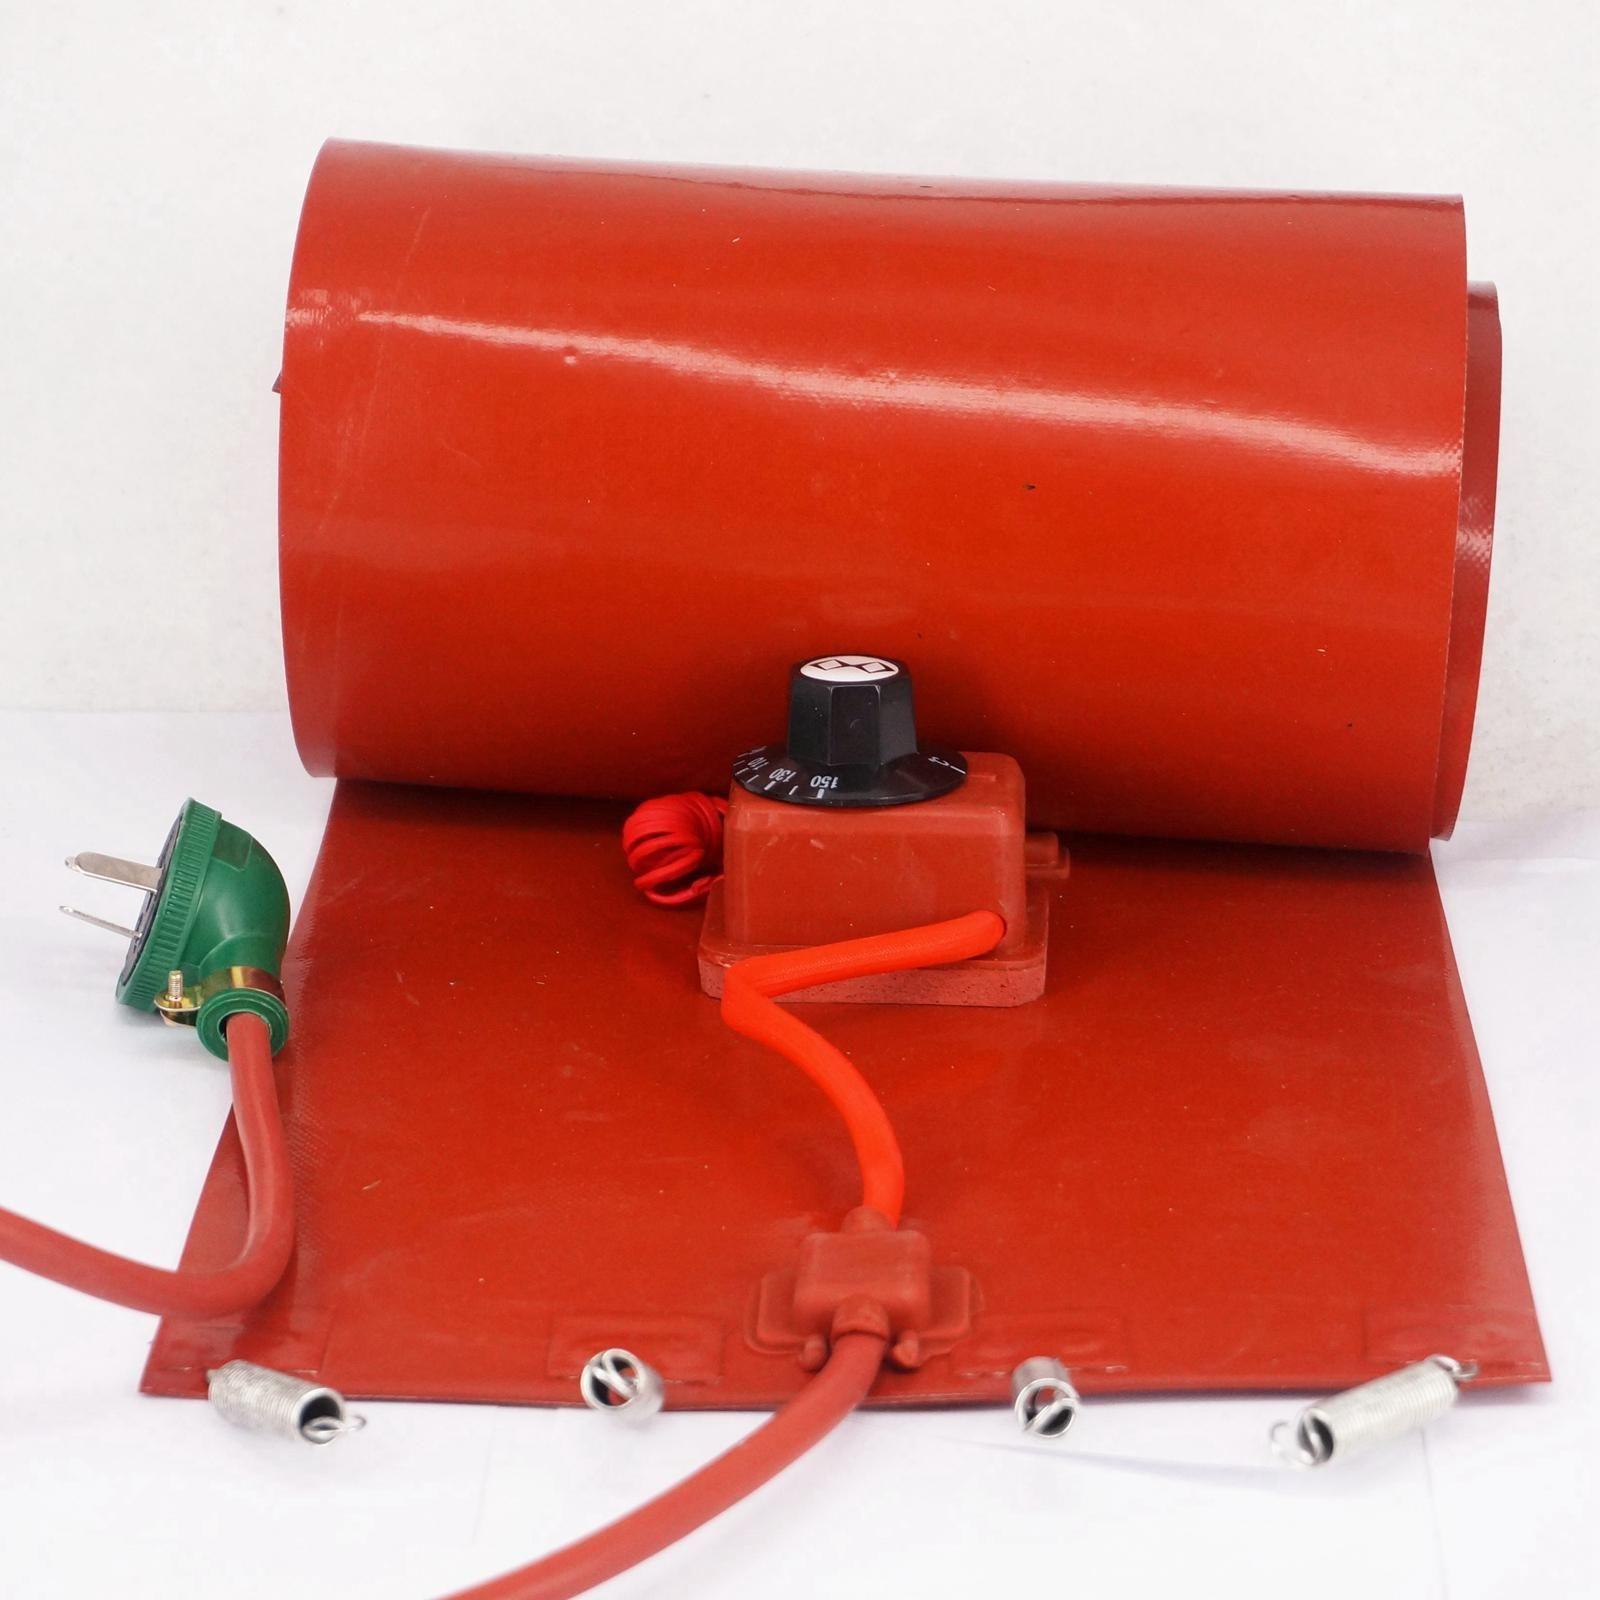 200 L (55 Gallons) 250x1740x1.6mm 3000 W Flexible De Silicium Bande Tambour Chauffe-Couverture Biodiesel d'huile de Baril Électrique Fils